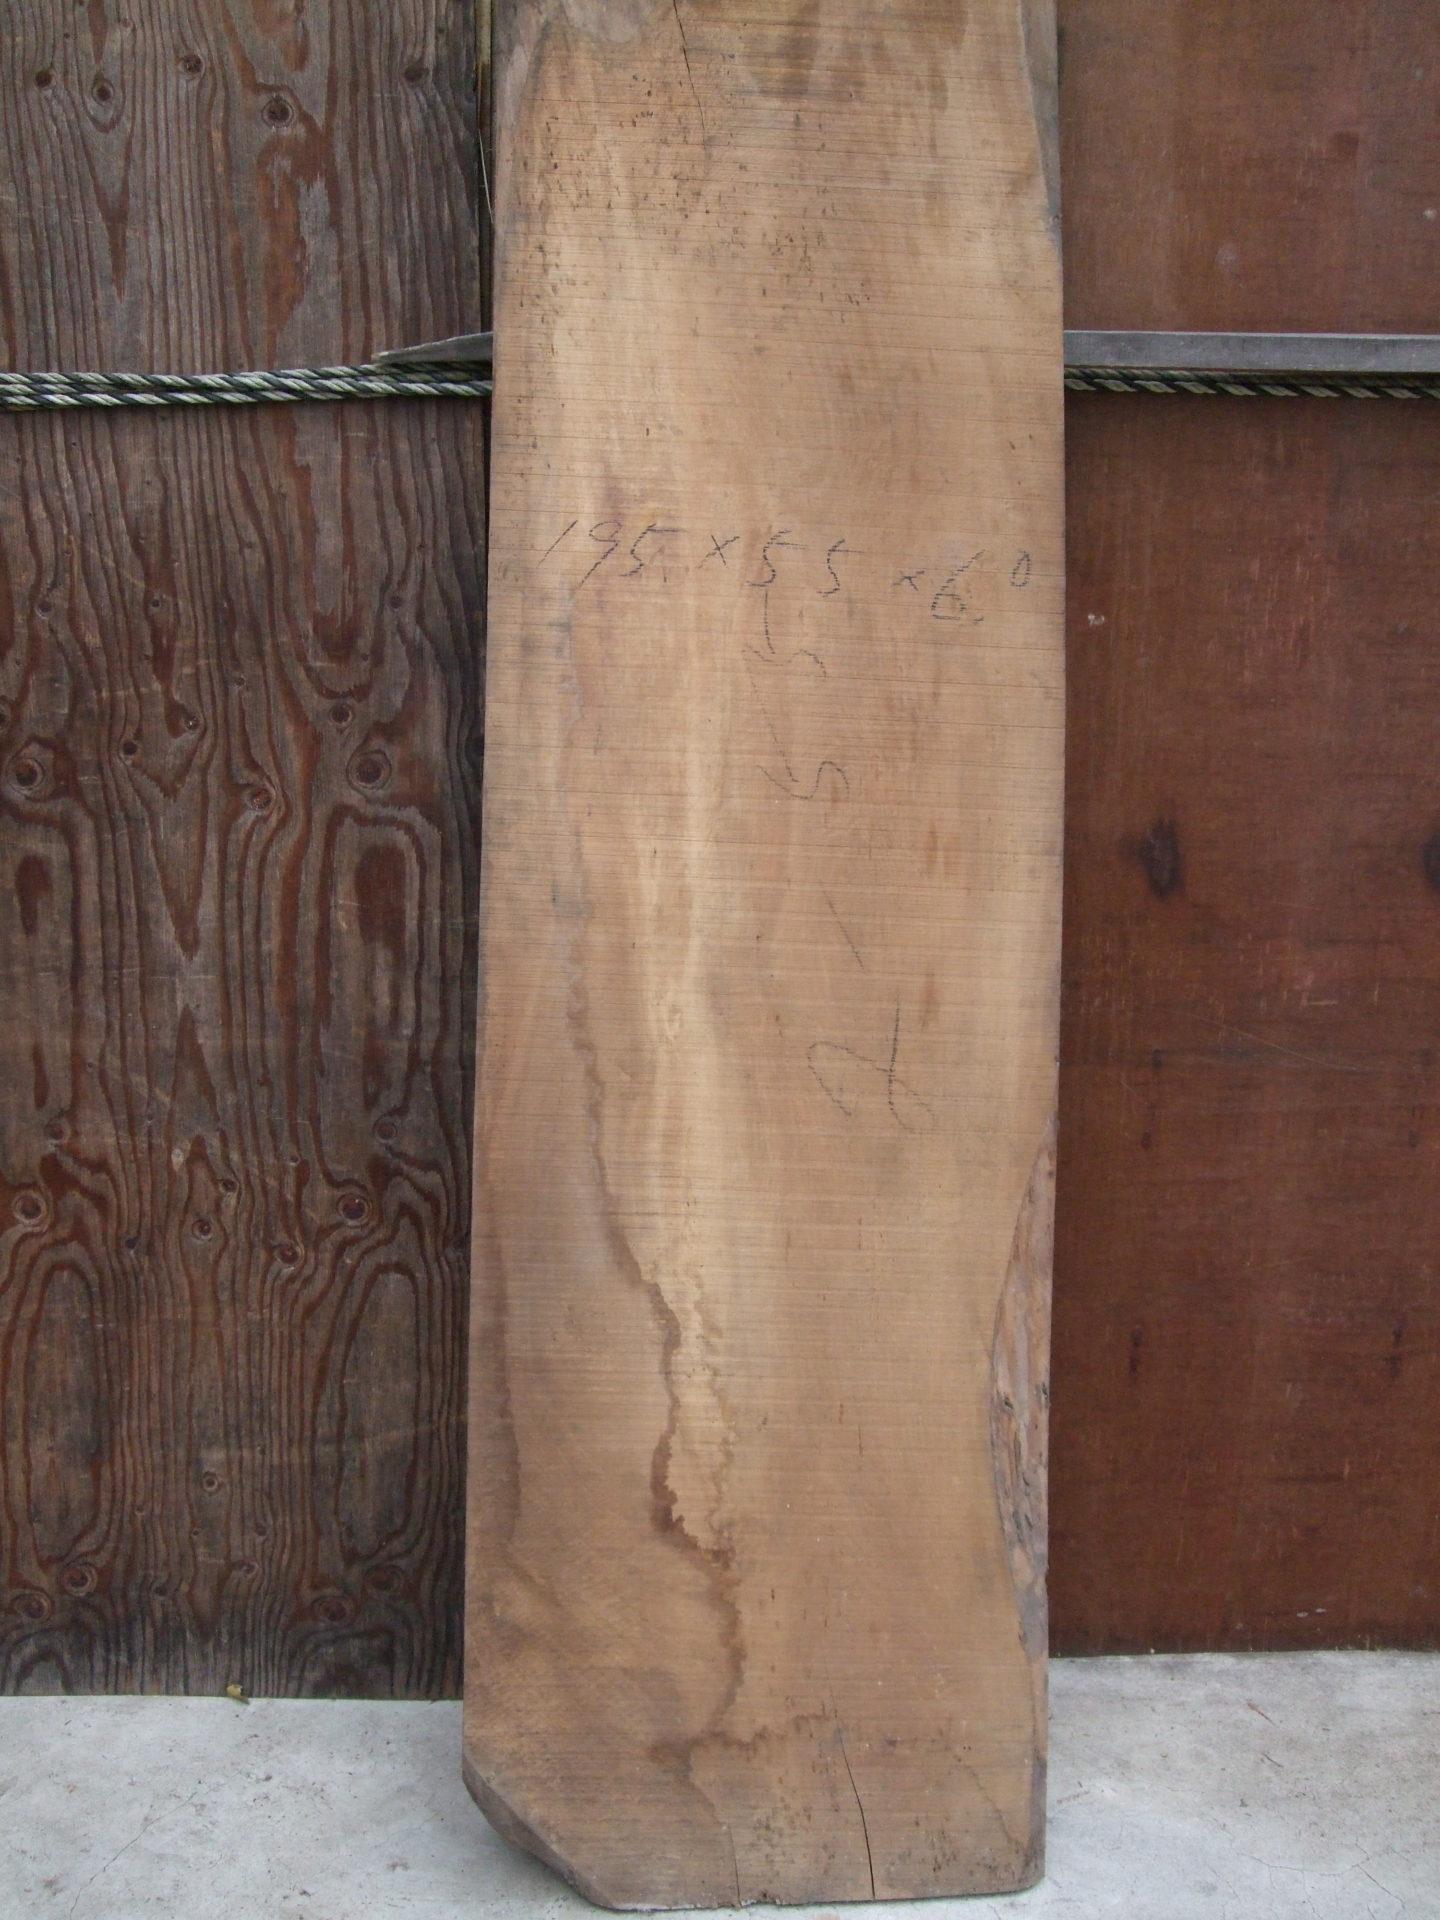 朴材の在庫のご案内⑧